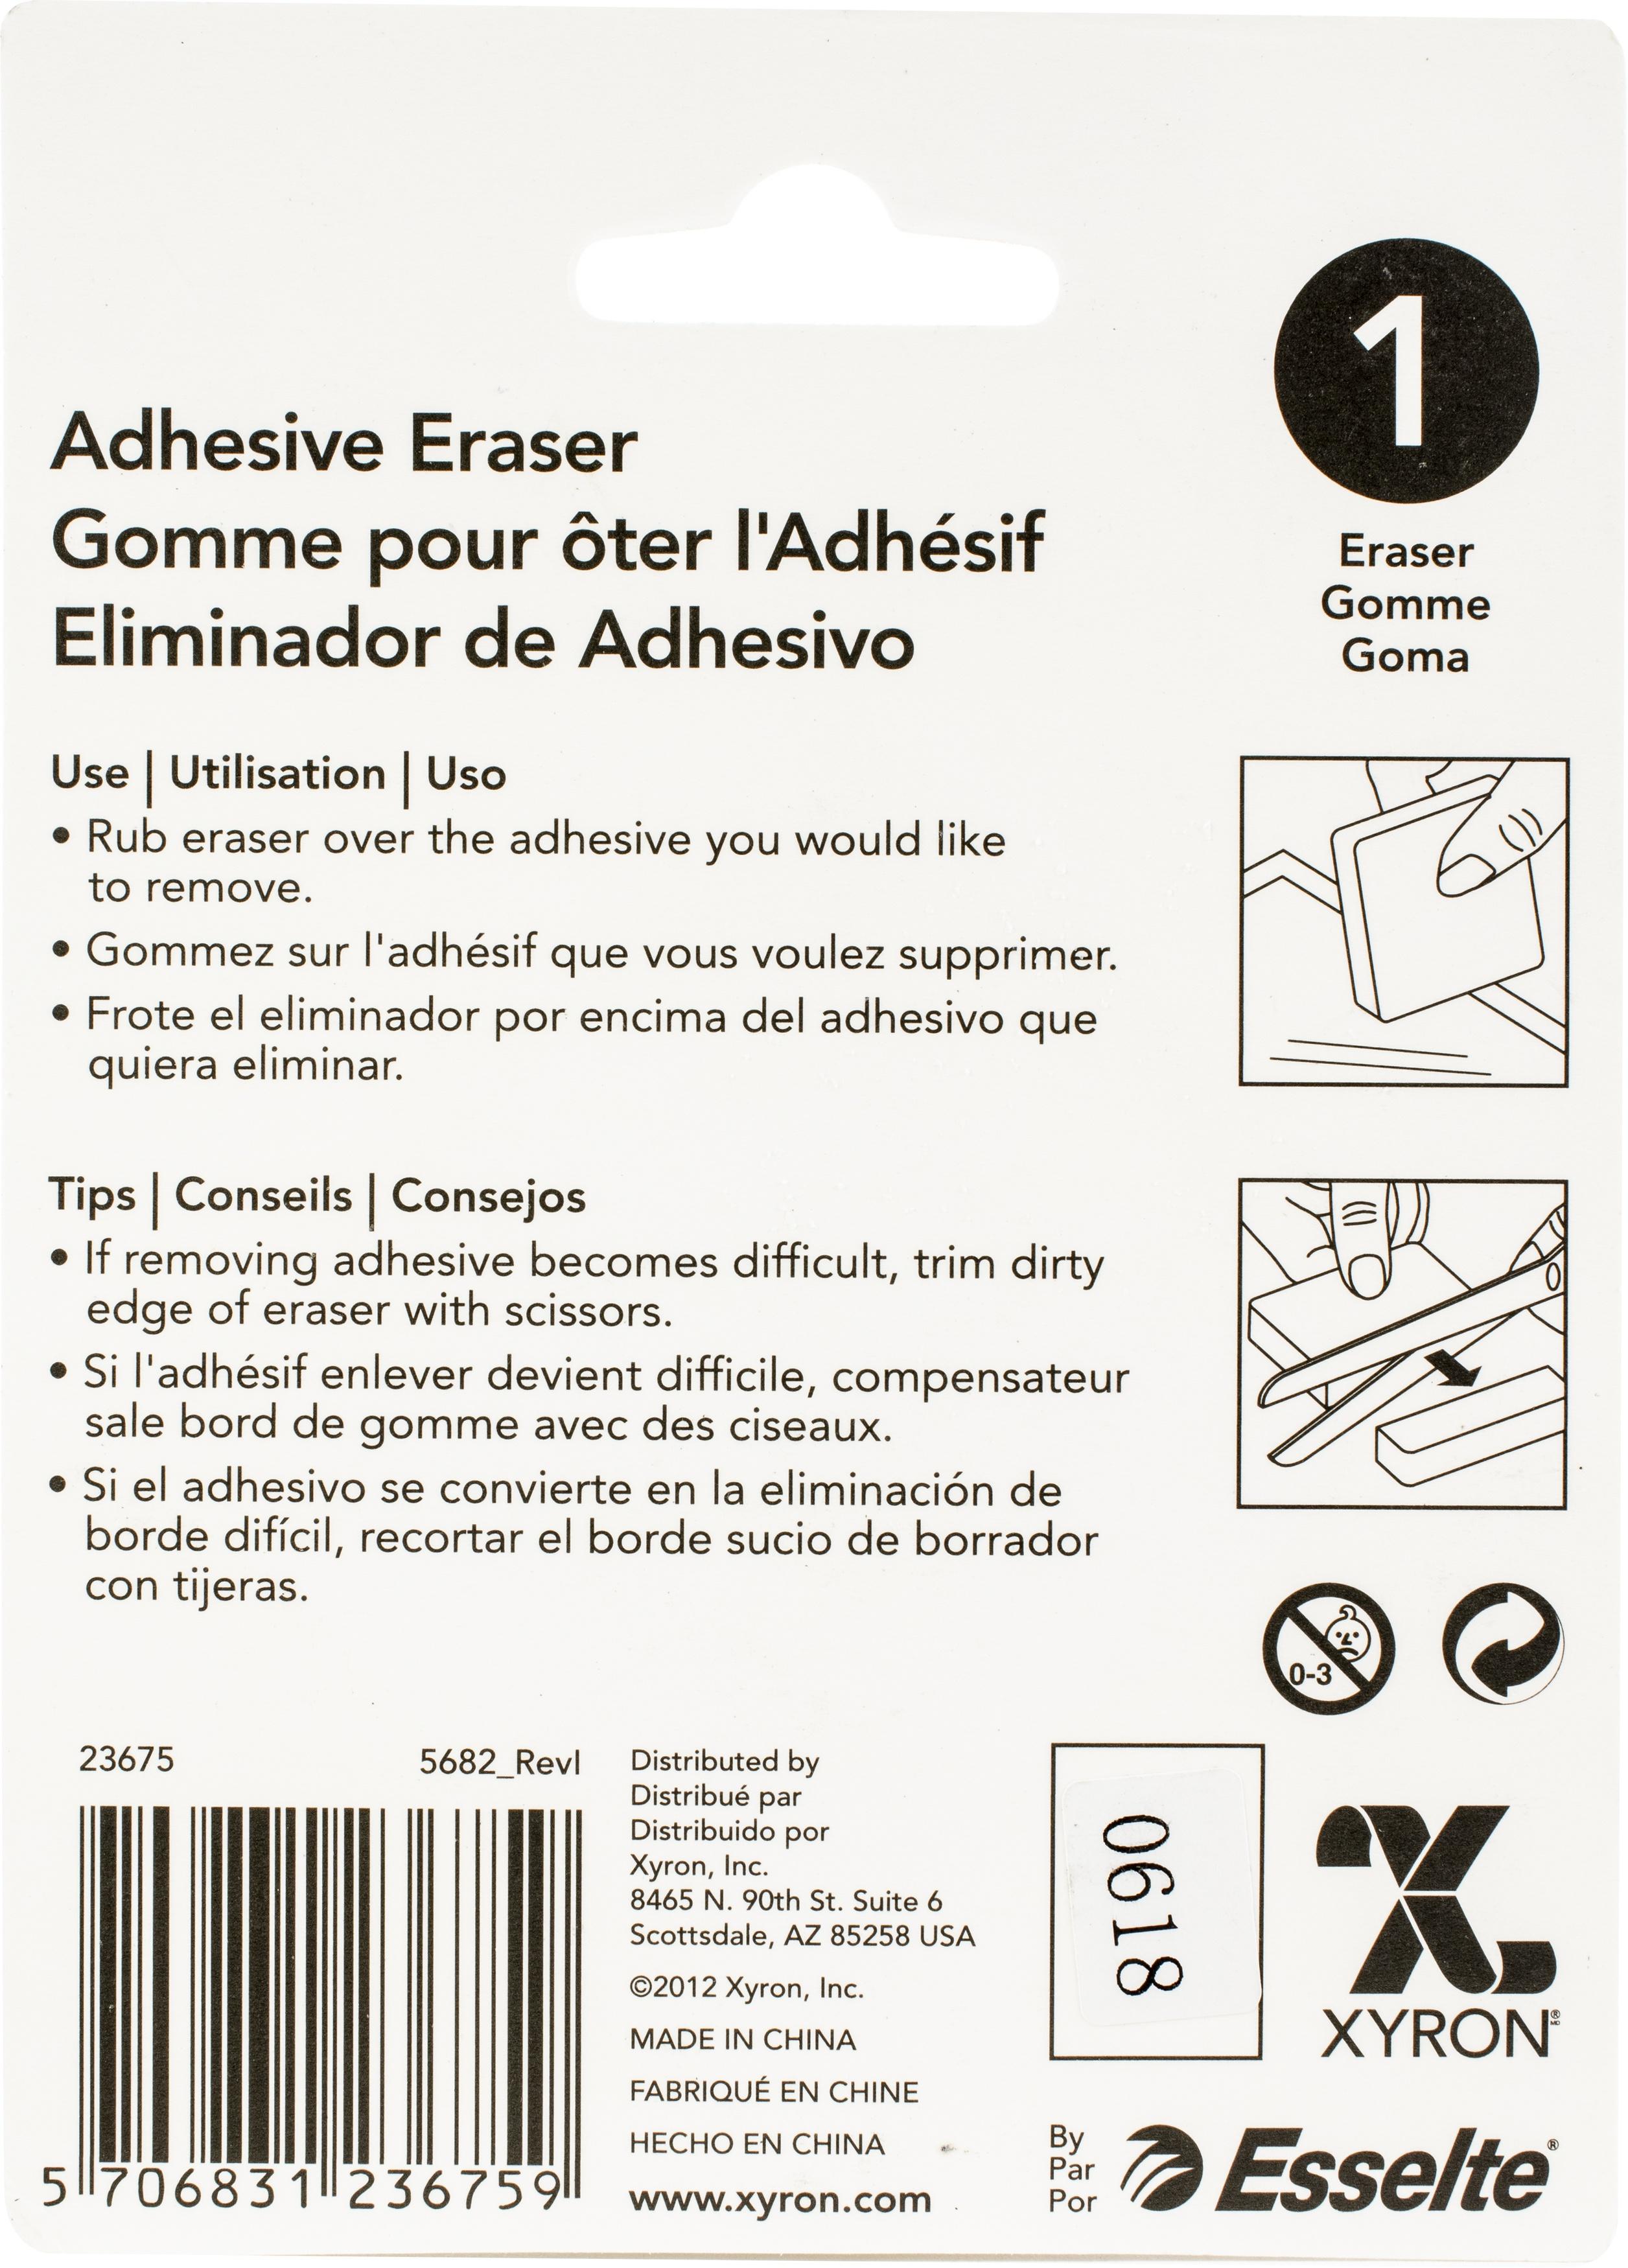 Xyron 2X2 Adhesive Eraser-